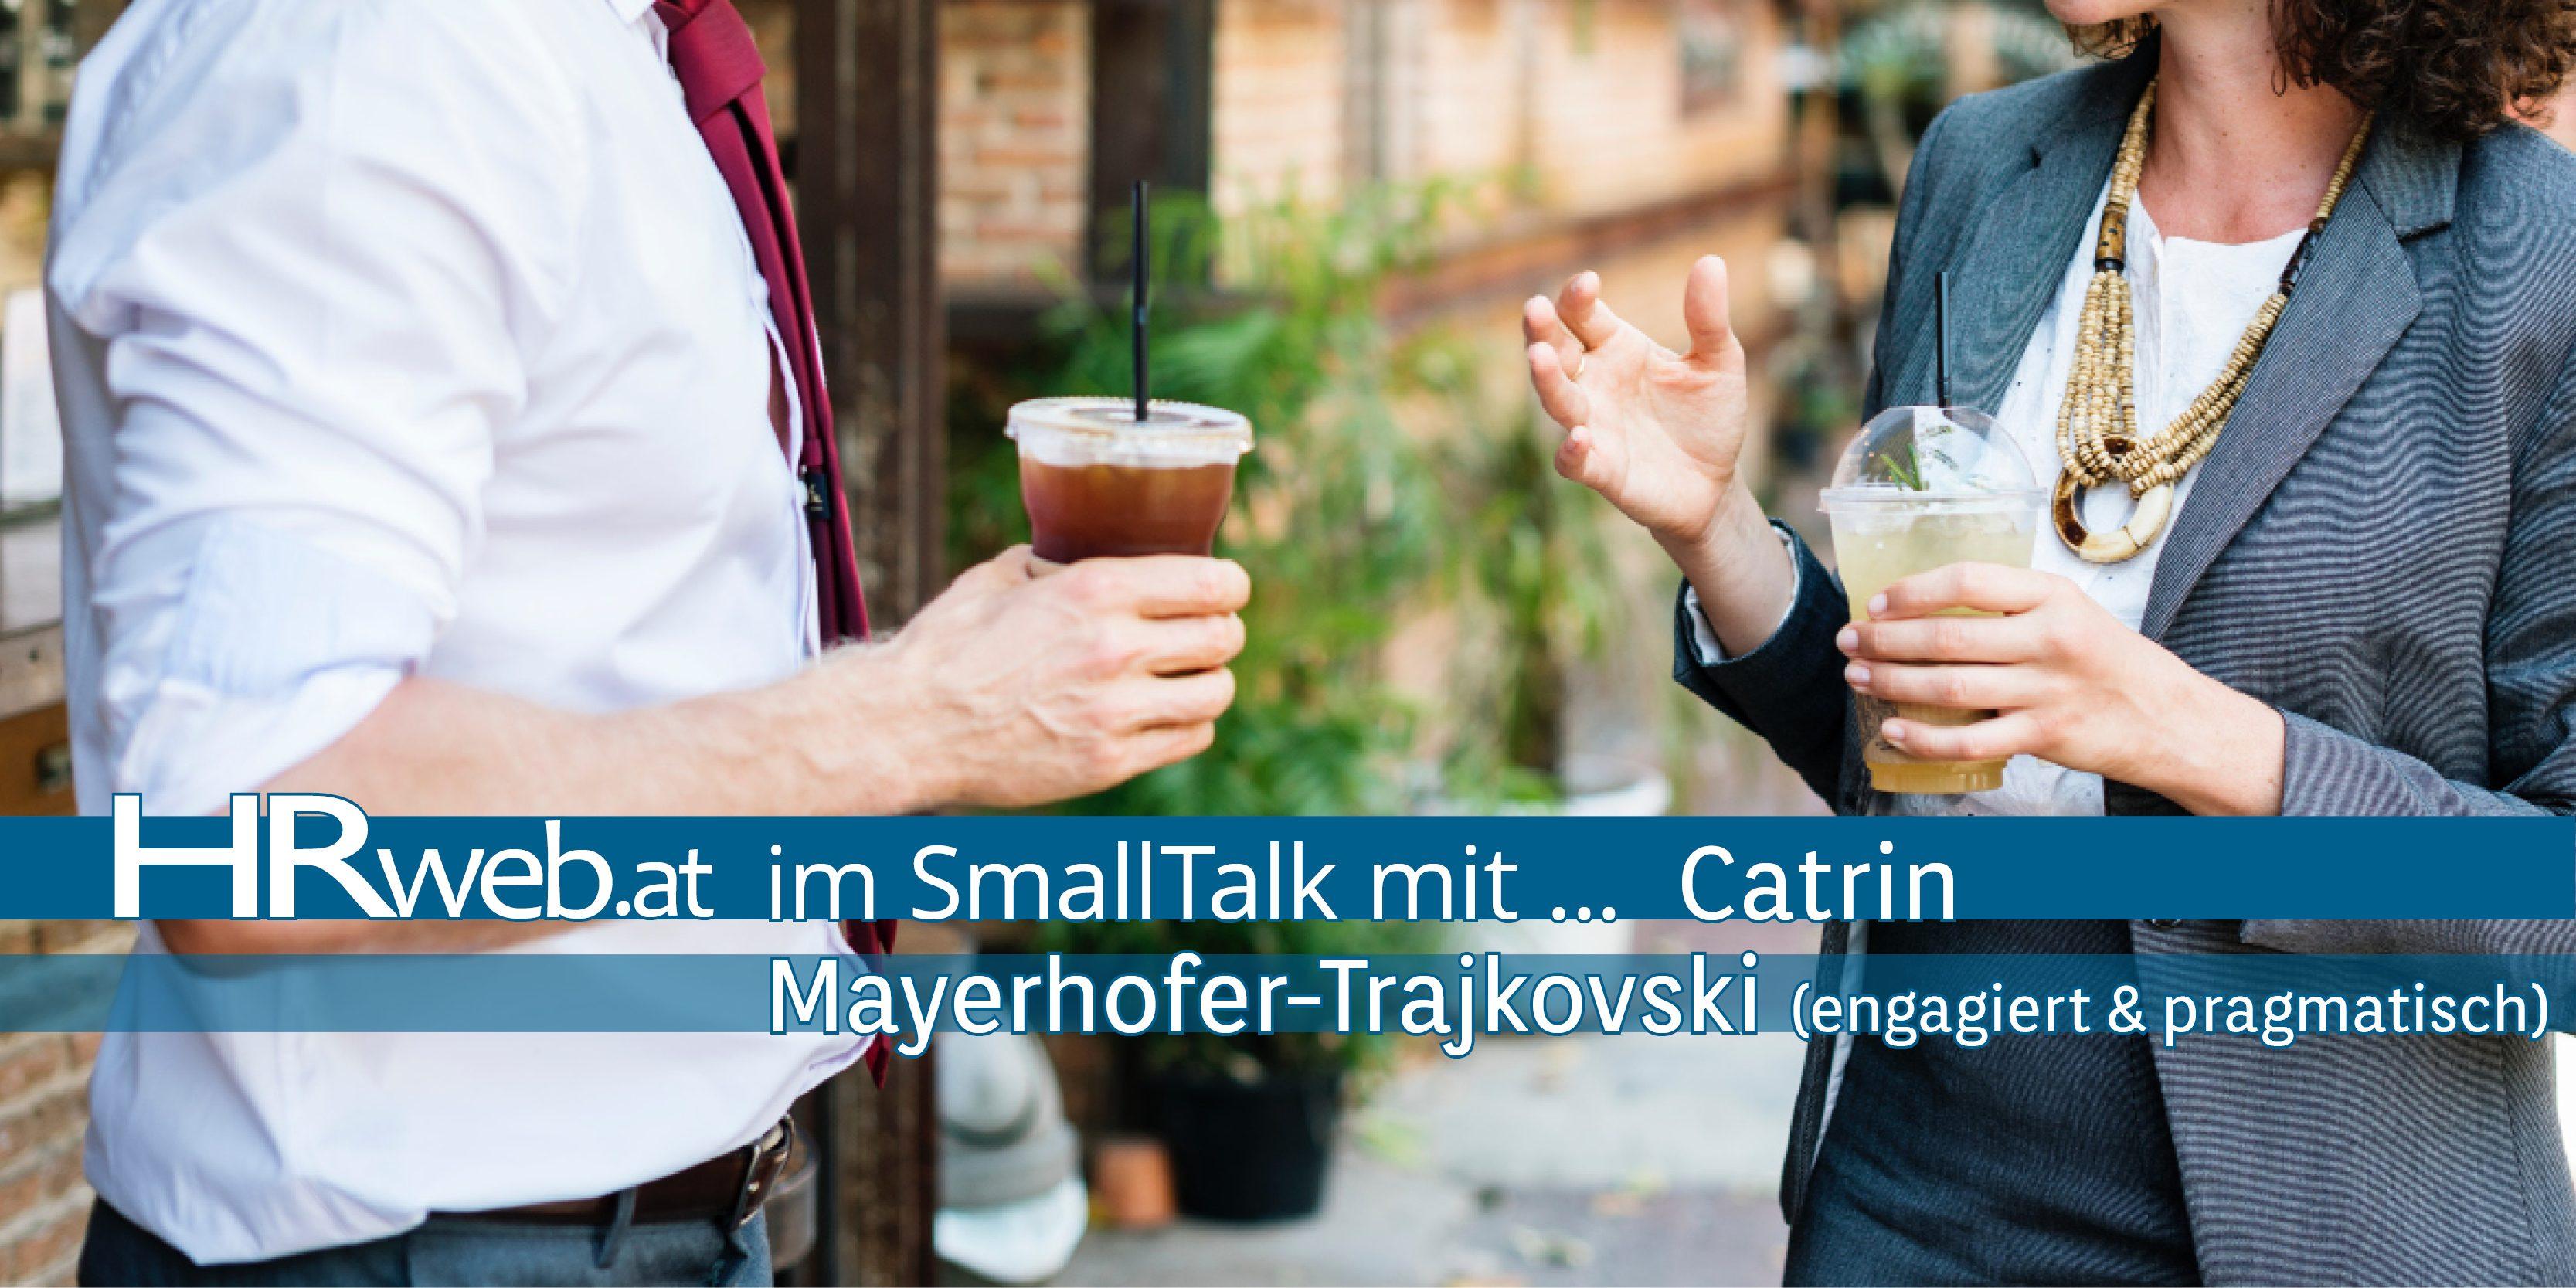 Smalltalk, Catrin Mayerhofer-Trajkovski